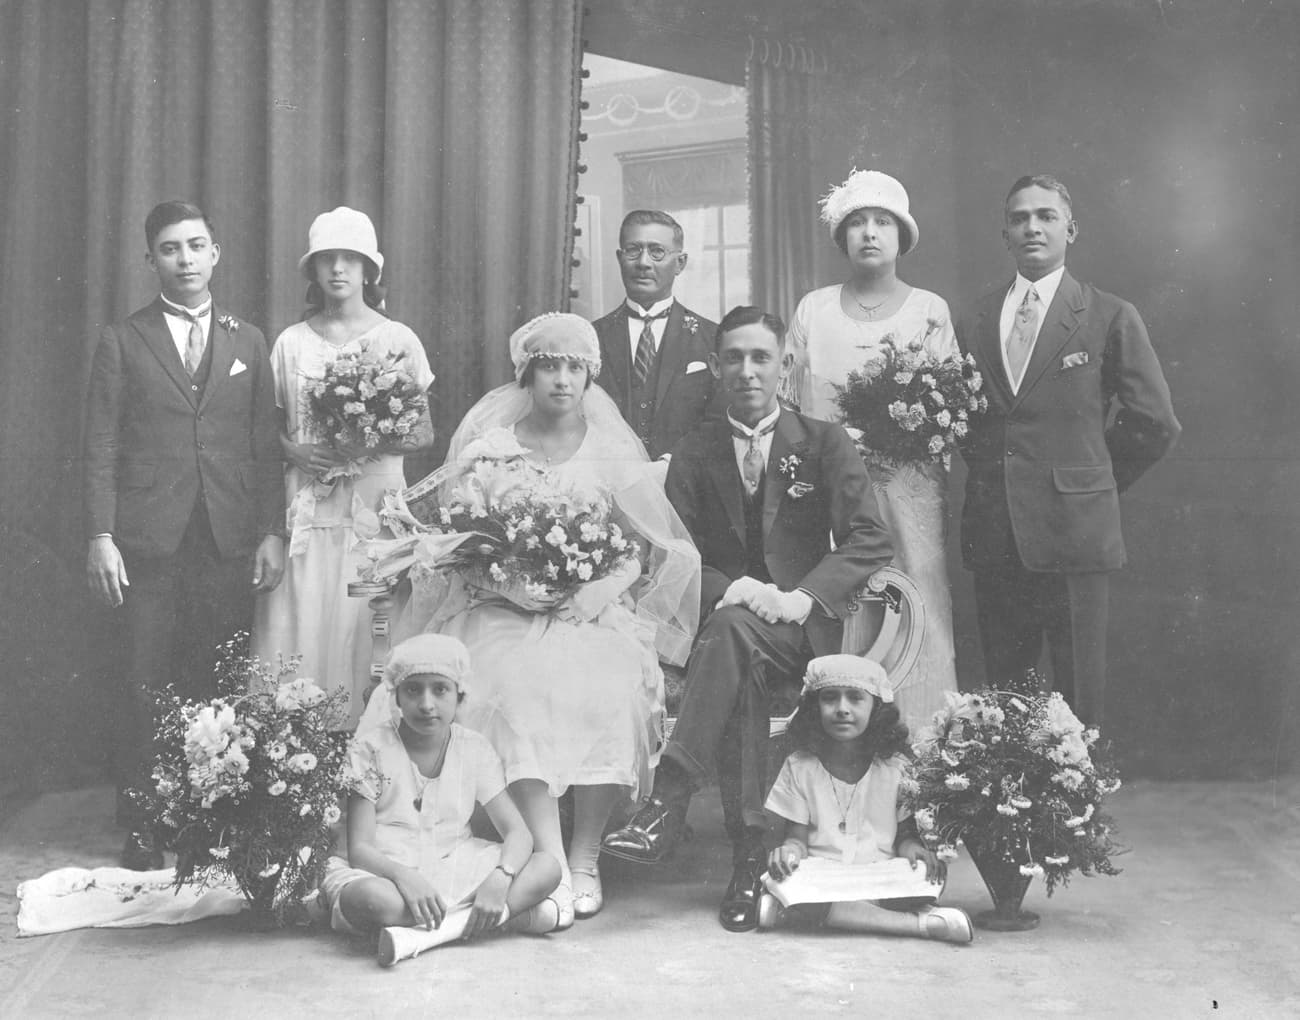 欧亚人在照相馆拍摄的婚纱照,1920年代